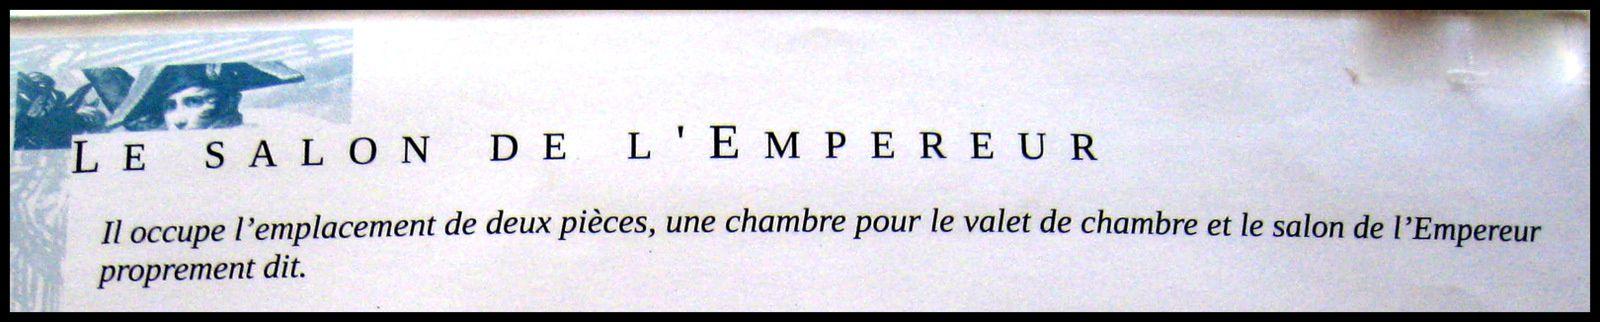 Mobilier du Salon de l'Empereur, château de Malmaison